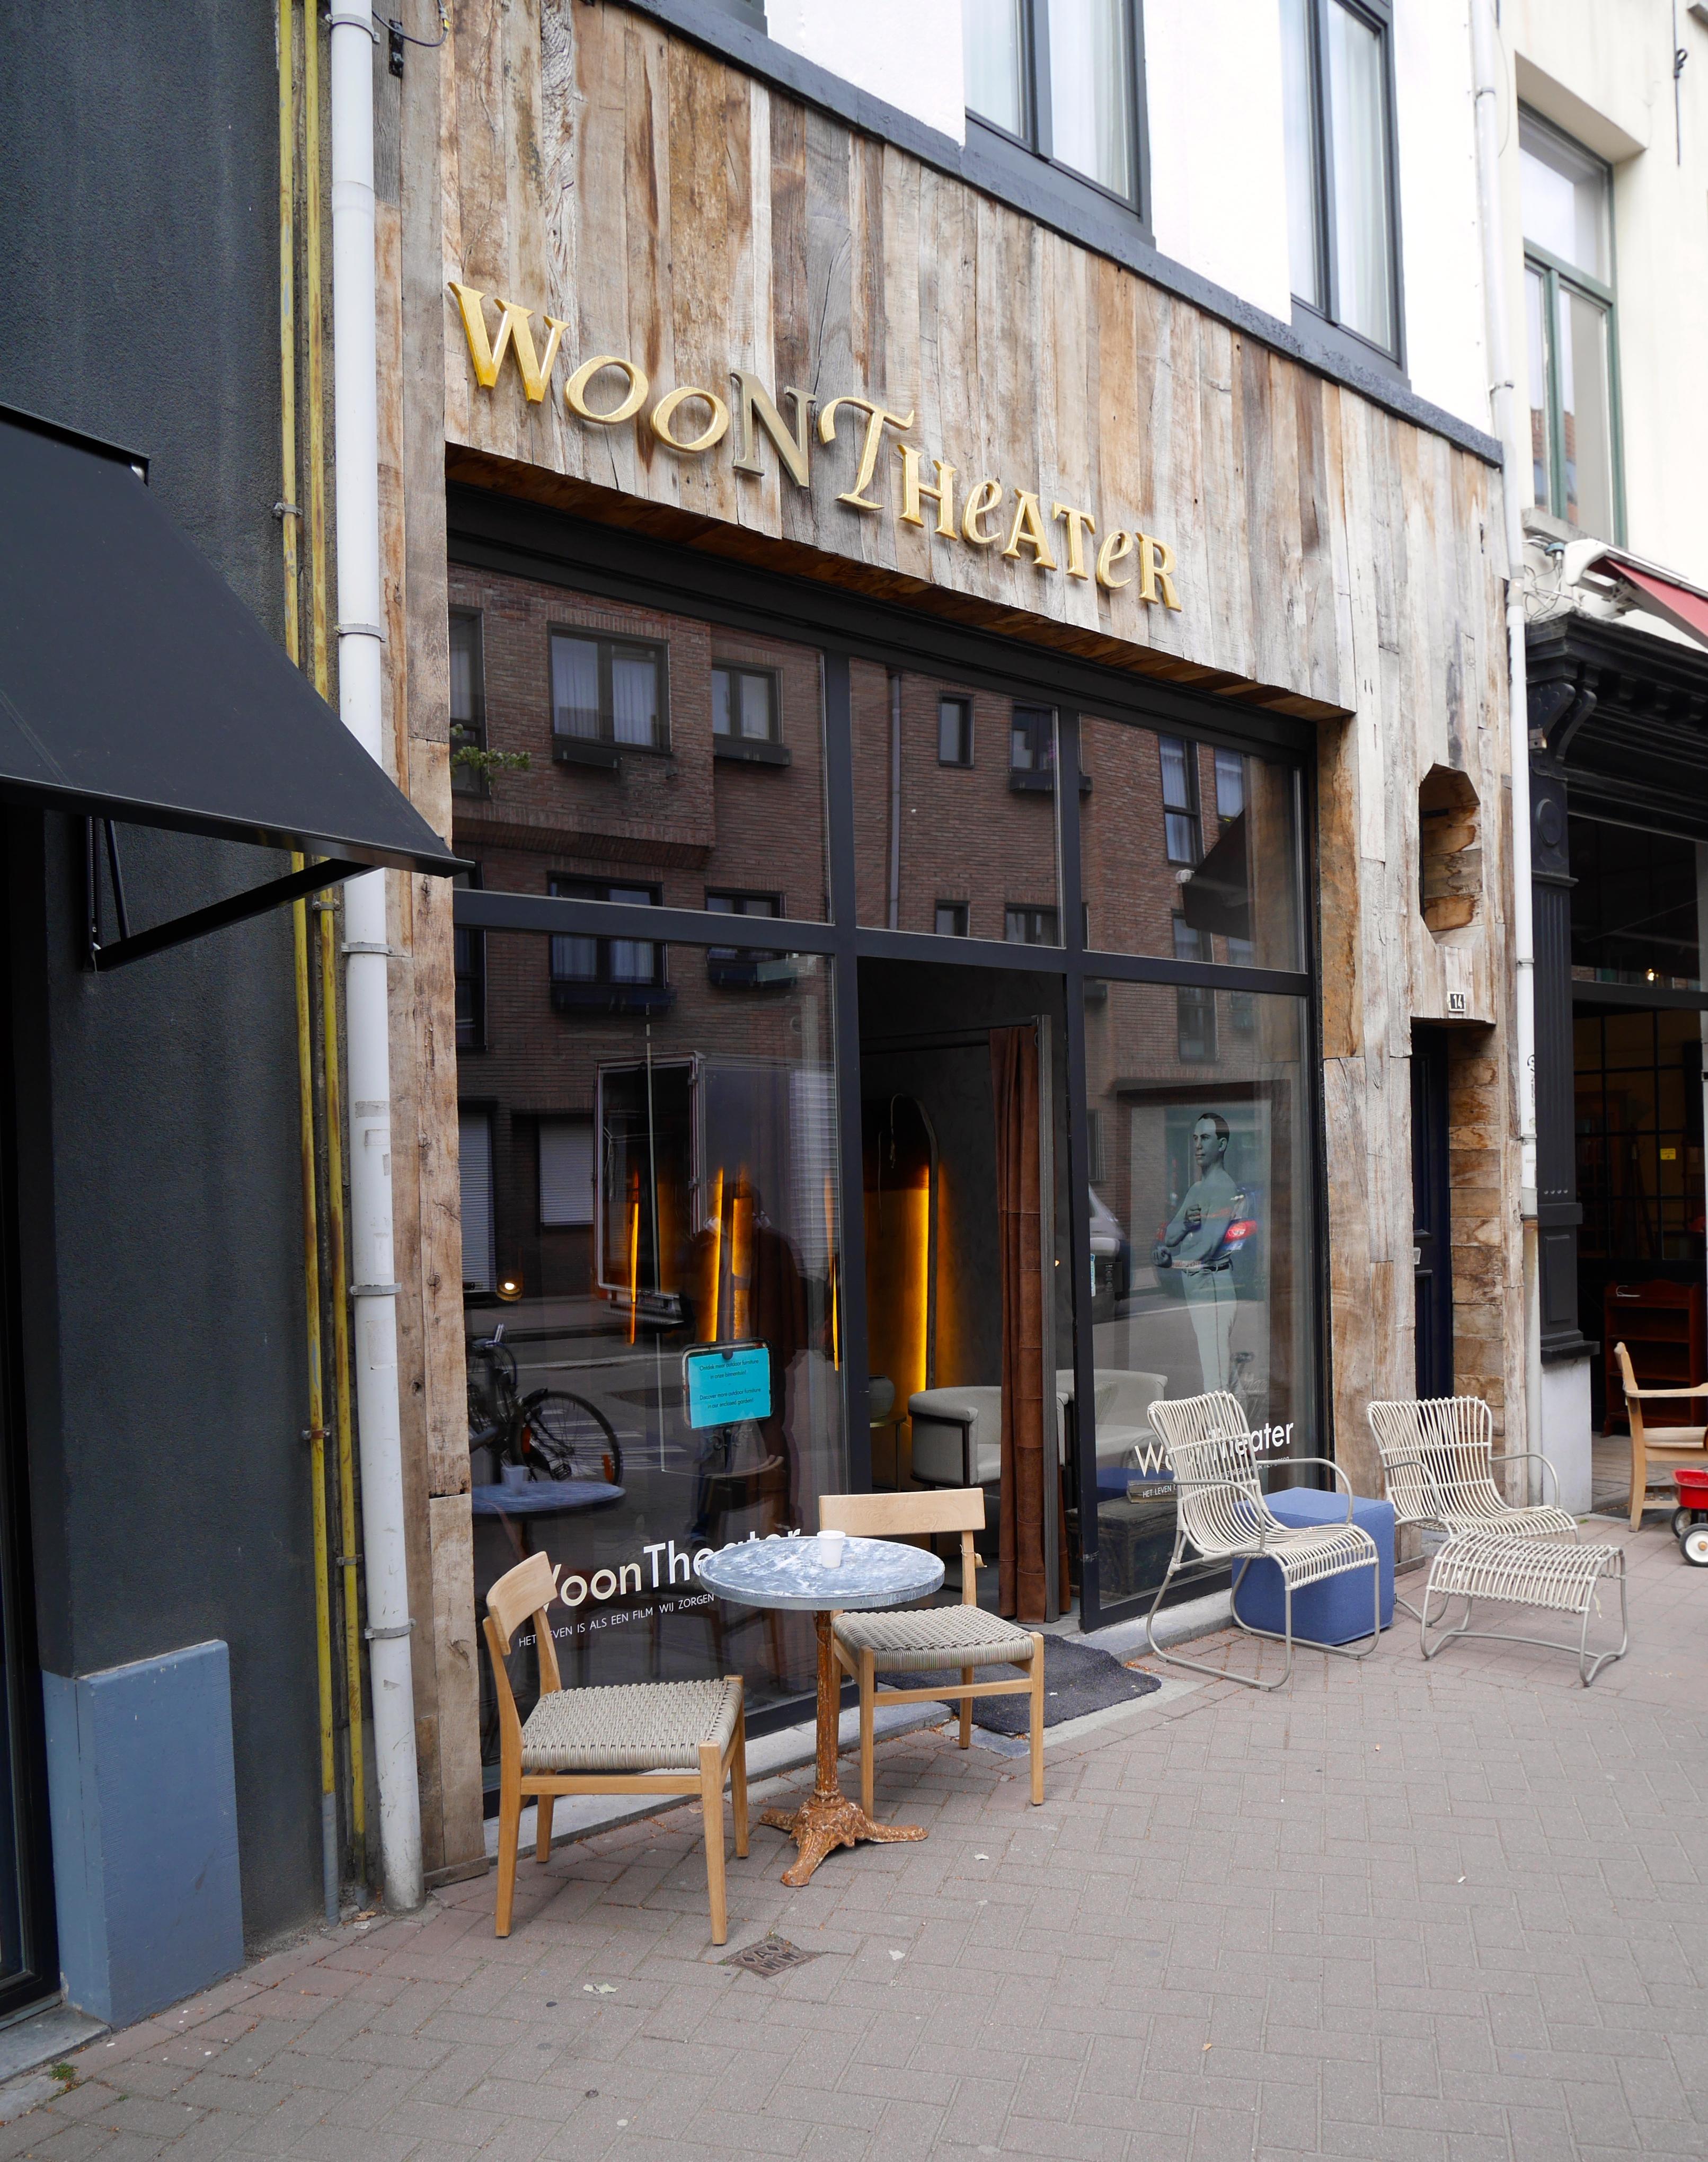 Das WoonTheater - einer der trendigen Möbelläden mit Loftcharakter.